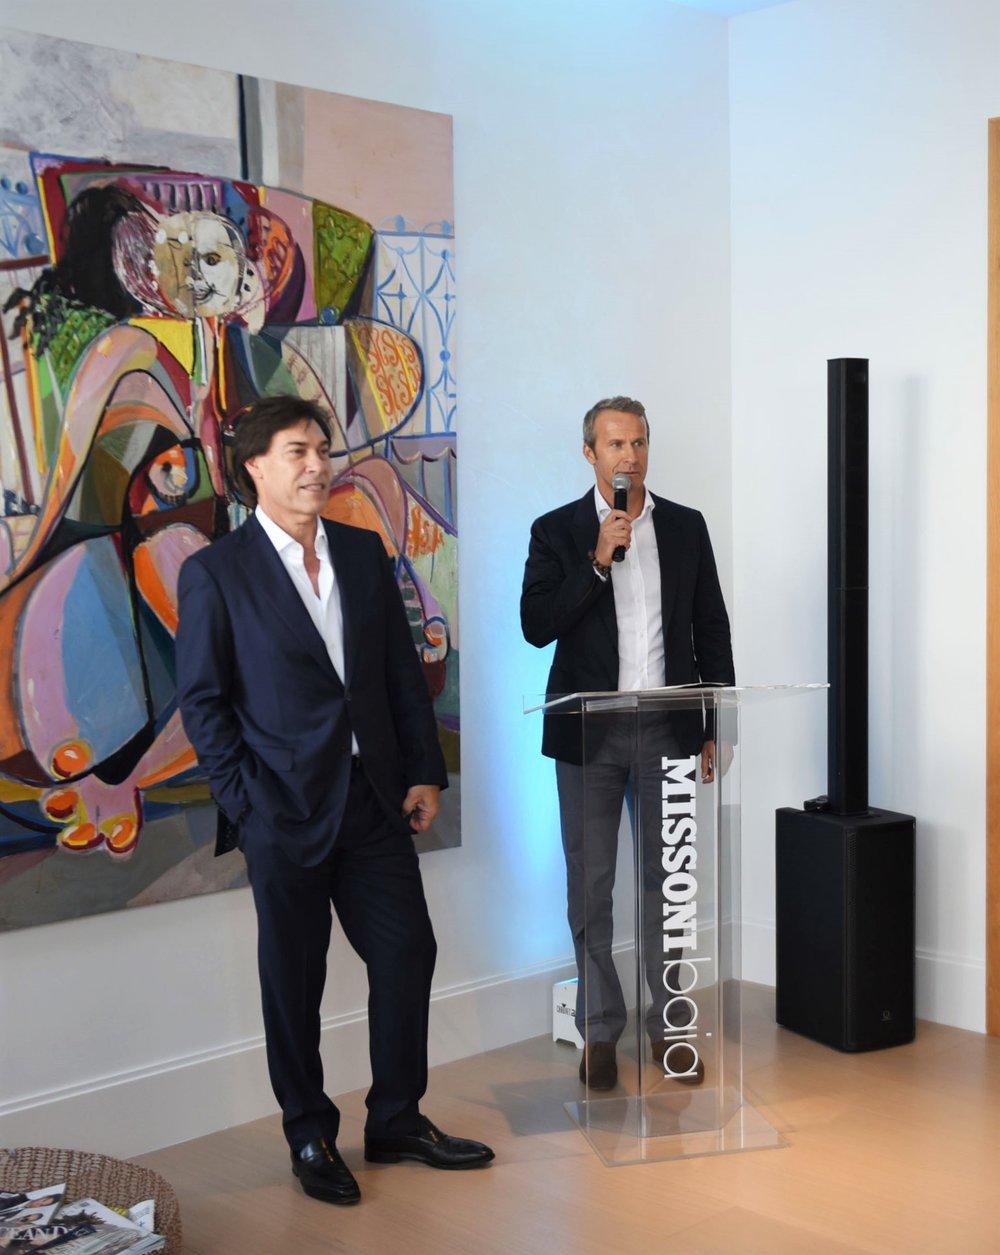 Edgardo Defortuna & Vladislav Doronin (L to R)